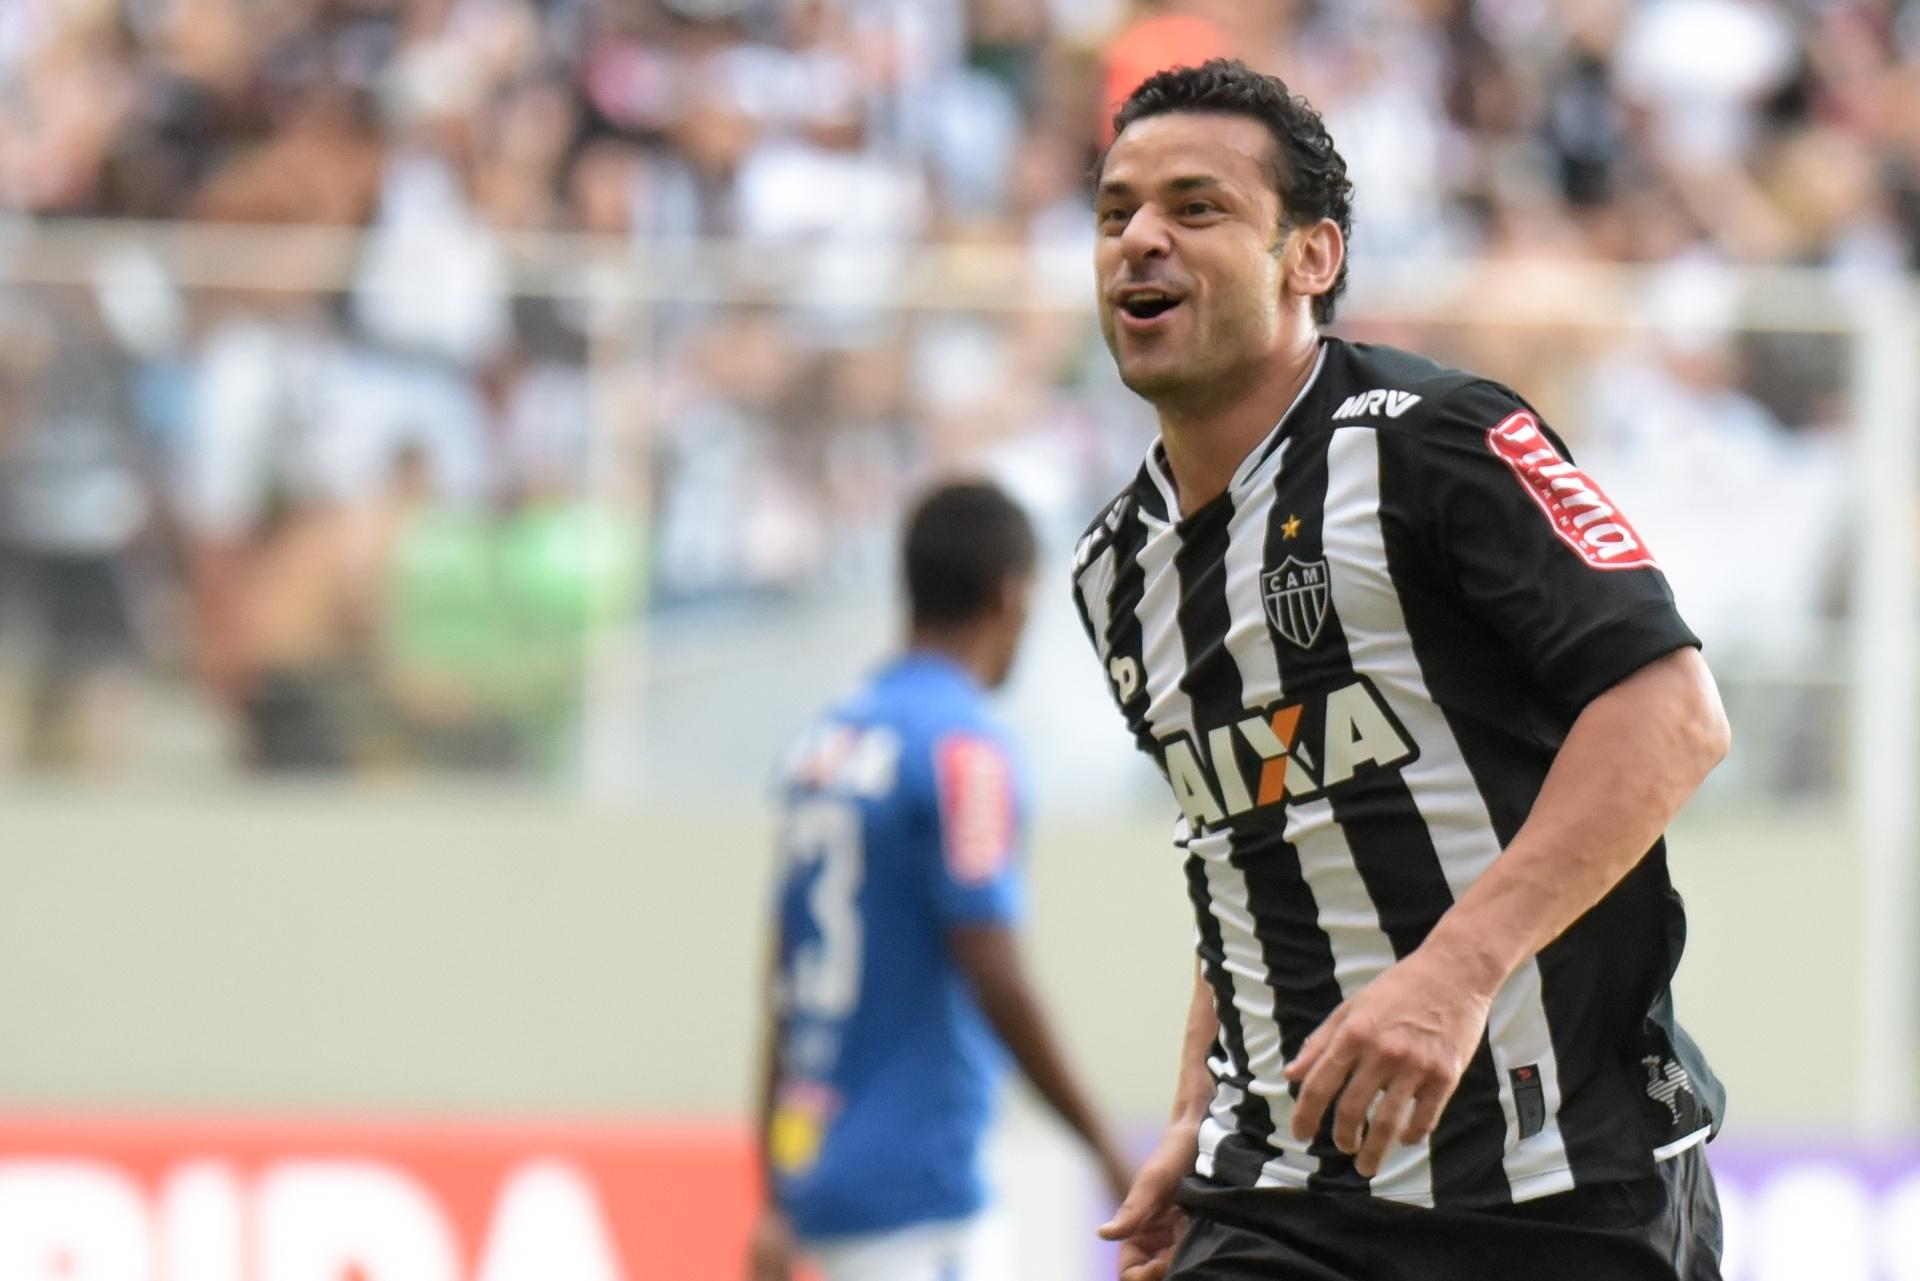 ec64a30779 Fred marca pela 1ª vez pelo Atlético-MG e comemora gol contra o Cruzeiro -  12 06 2016 - UOL Esporte